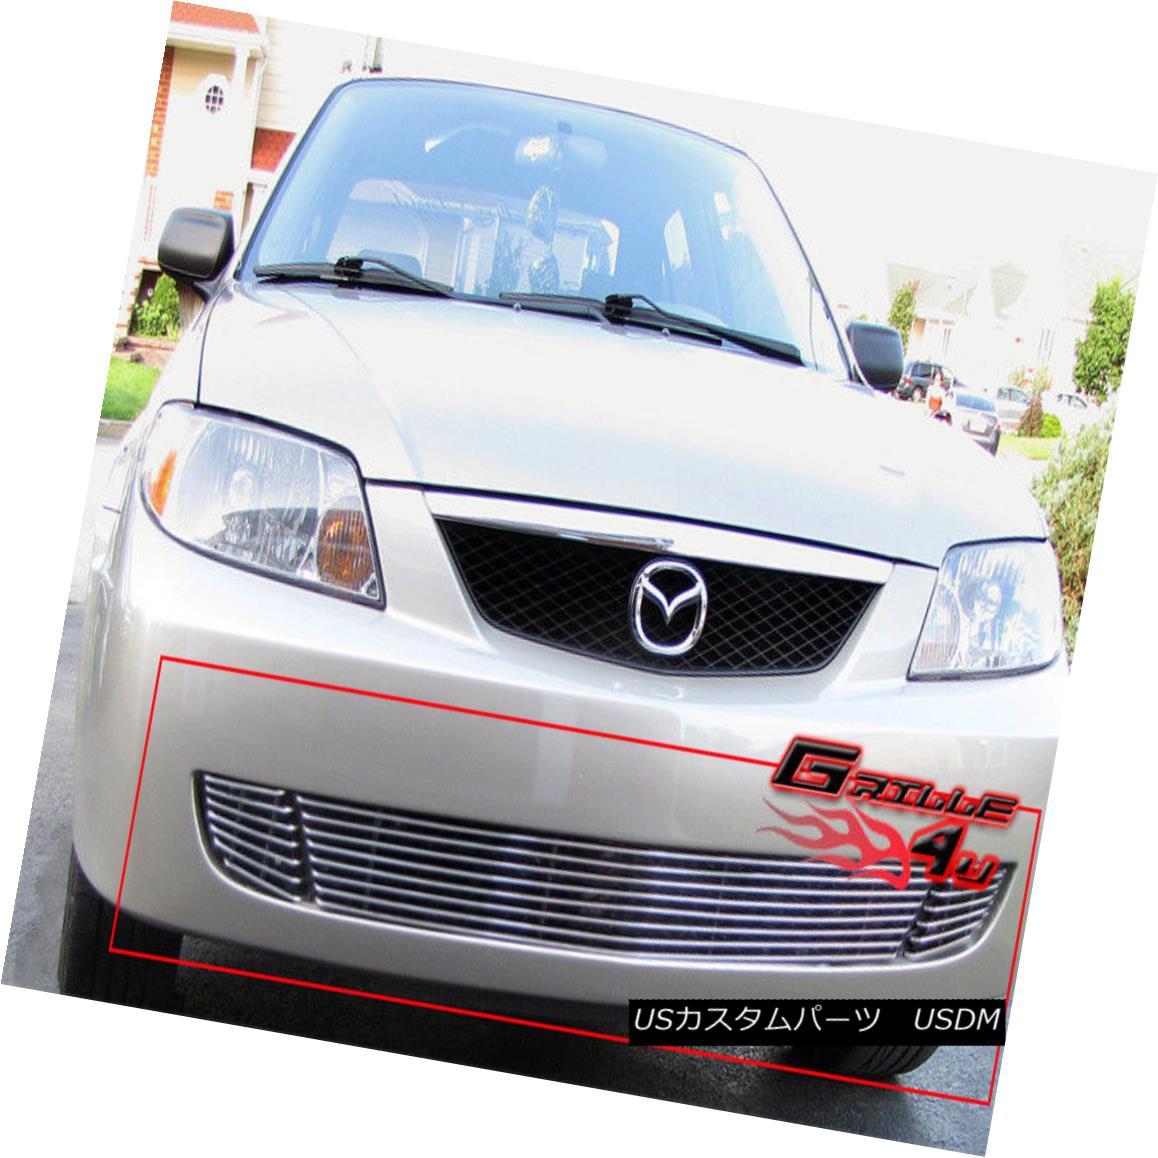 グリル Fits 2001-2003 Mazda Protege Lower Bumper Billet Grille Insert 2001-2003 Mazda Protegeロワーバンパービレットグリルインサートに適合